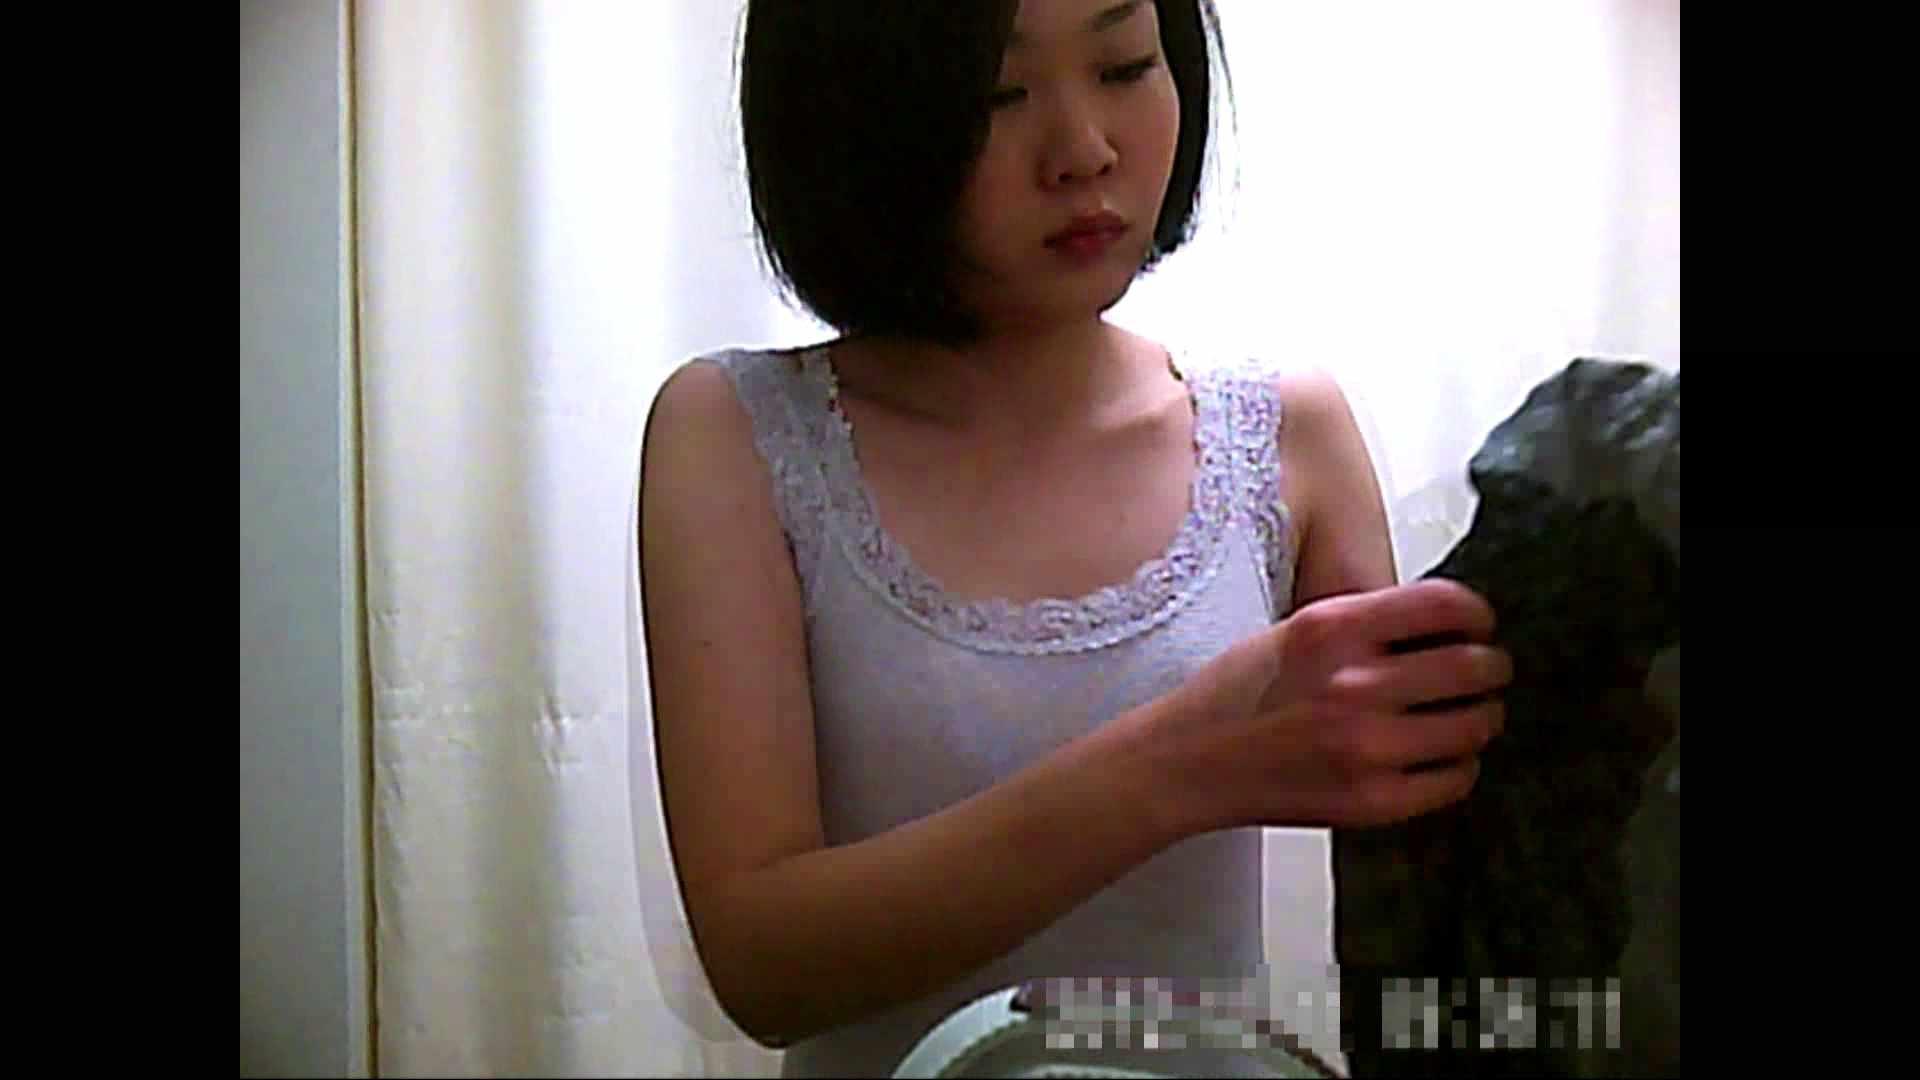 元医者による反抗 更衣室地獄絵巻 vol.063 ギャル  79PIX 39